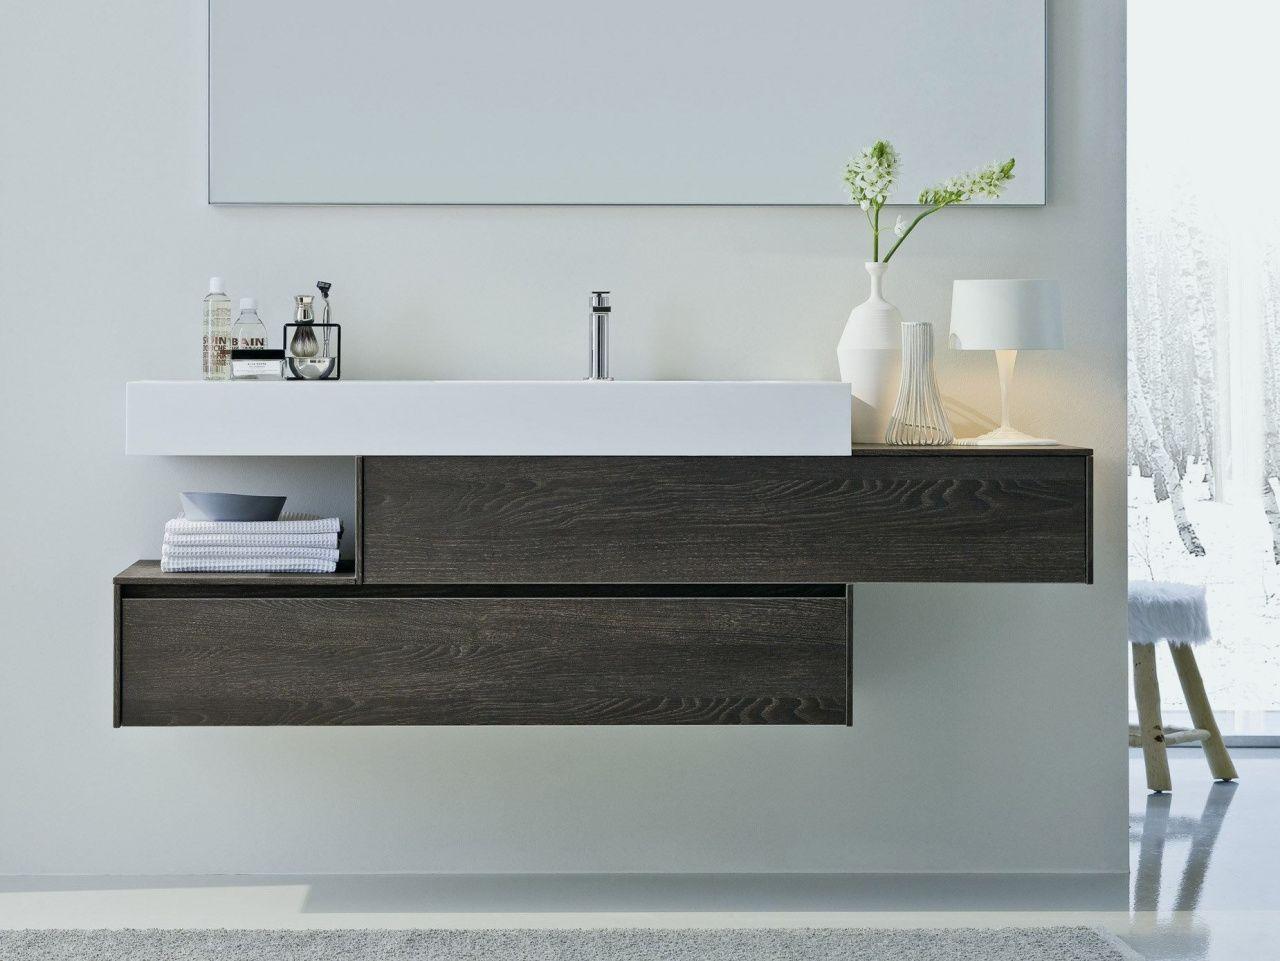 16 Applique Miroir Salle De Bain Brico Depot  Bathroom furniture